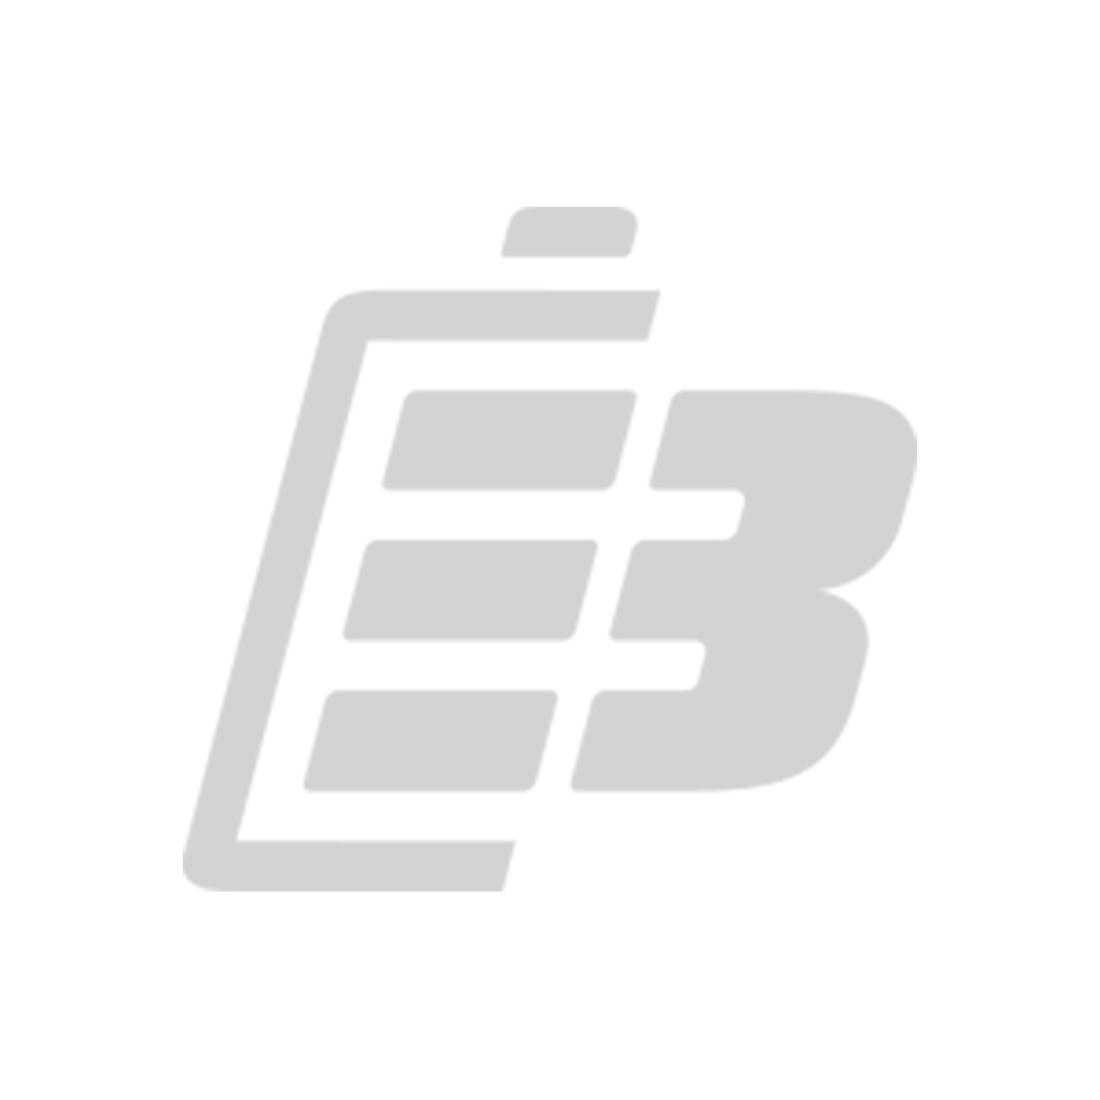 Μπαταρια GPS Mitac Mio Moov 300_1